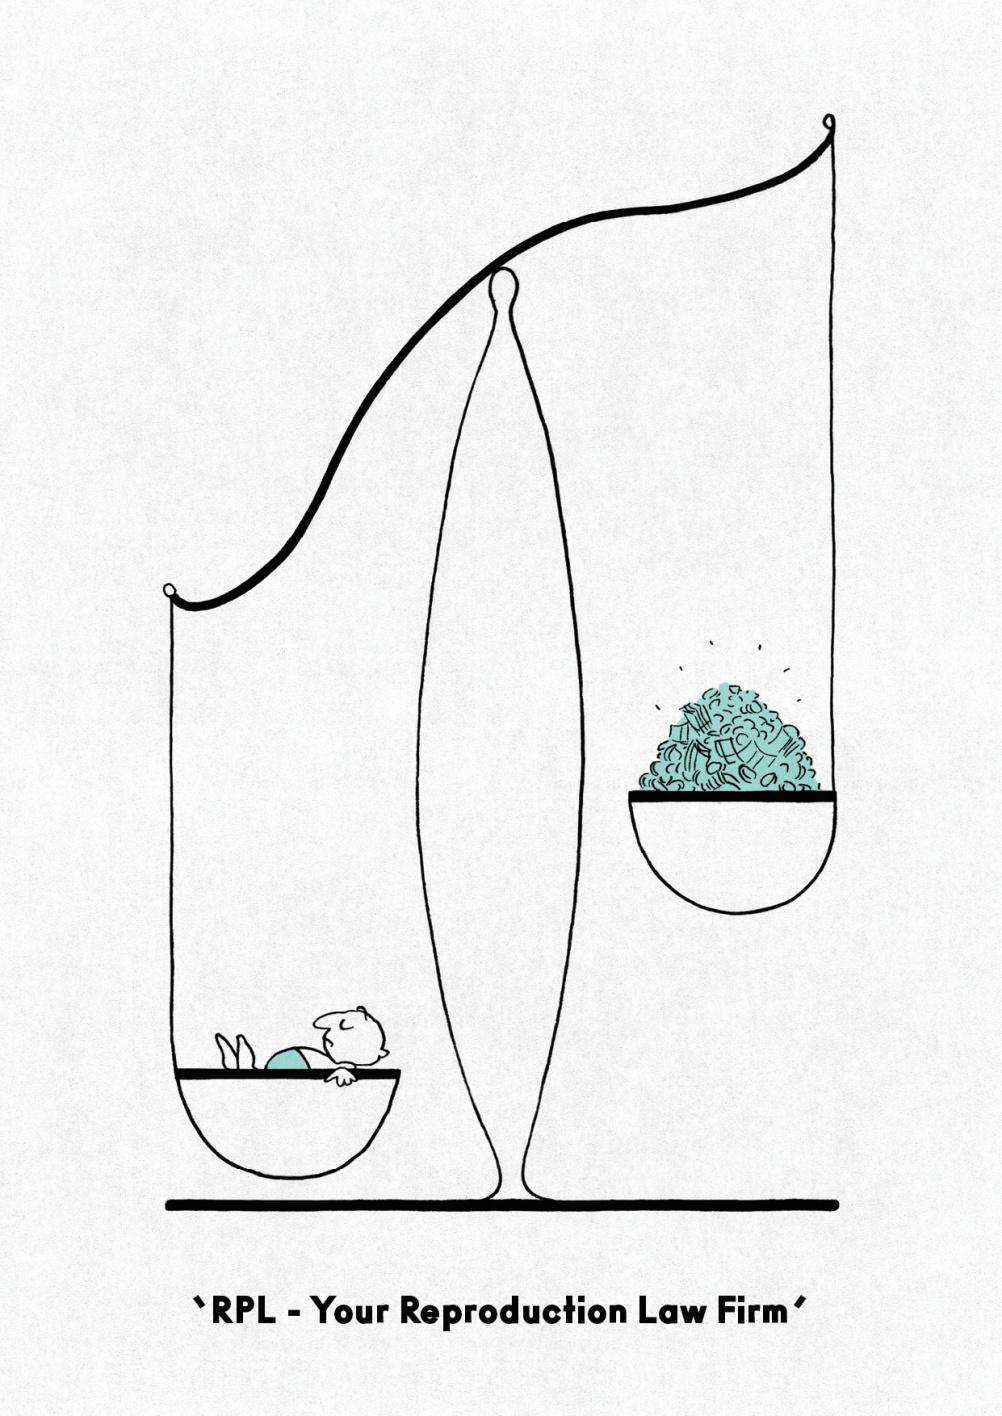 02_postcard illustration by Jonny Glover